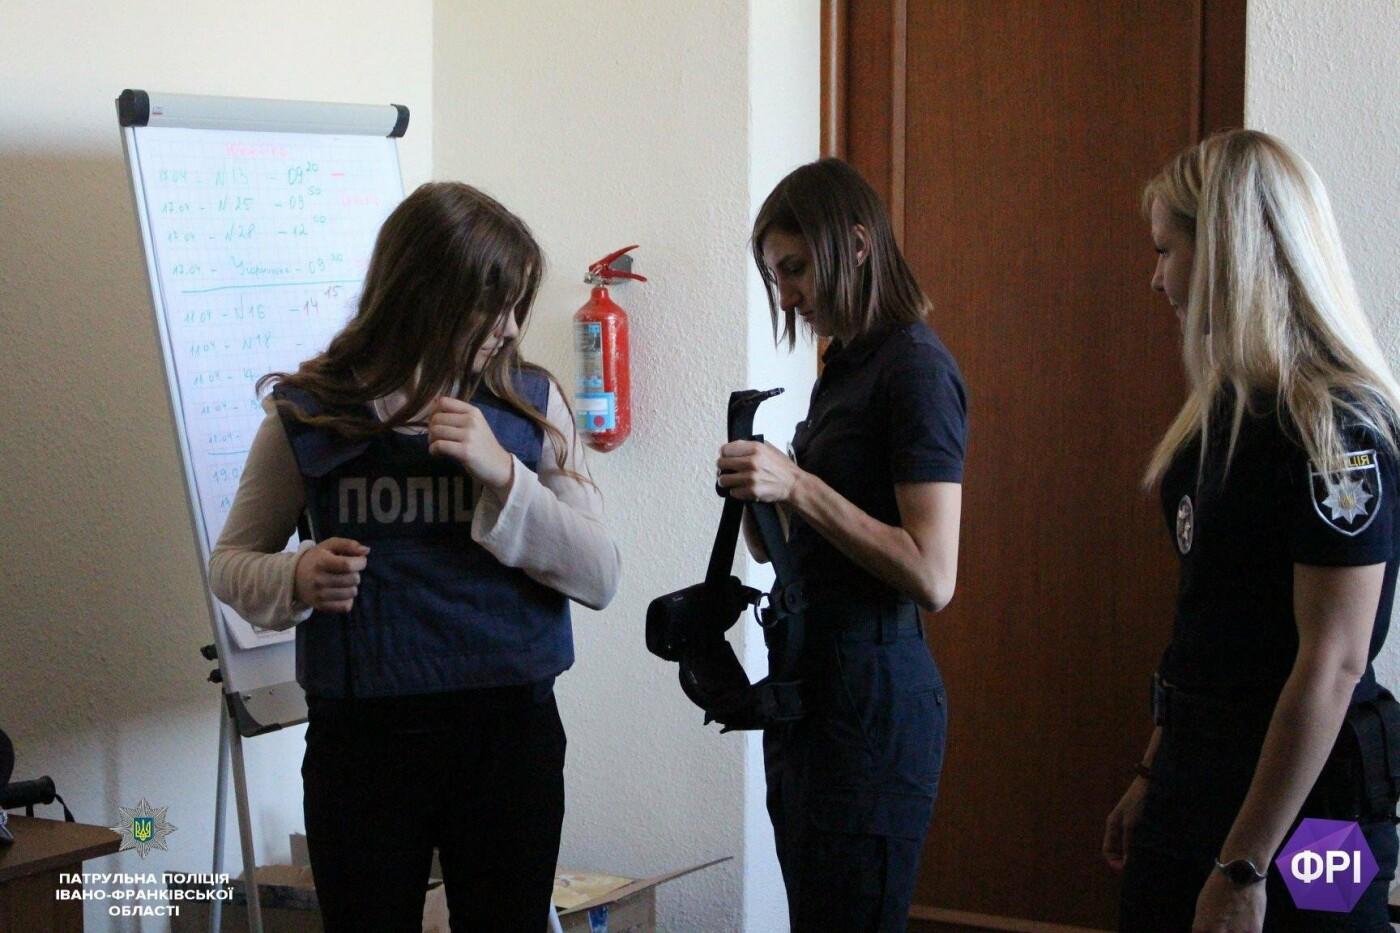 Франківські школярі п'ять днів вивчали роботу патрульних. ФОТО, фото-2